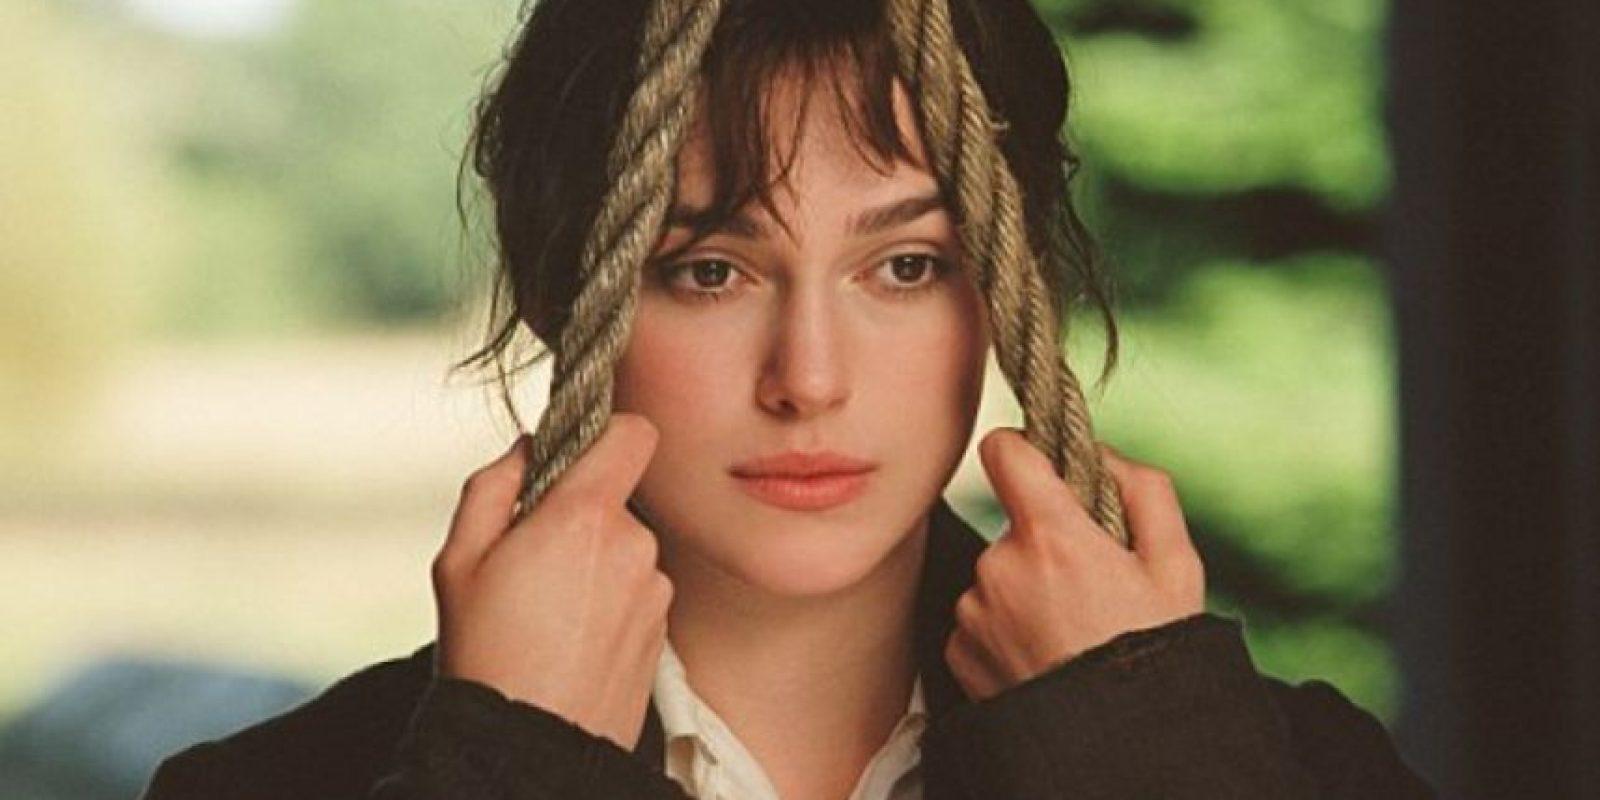 La protagonista de la obra, inteligente y rebelde. Se queda con Mr. Darcy. Foto:vía StudioCanal